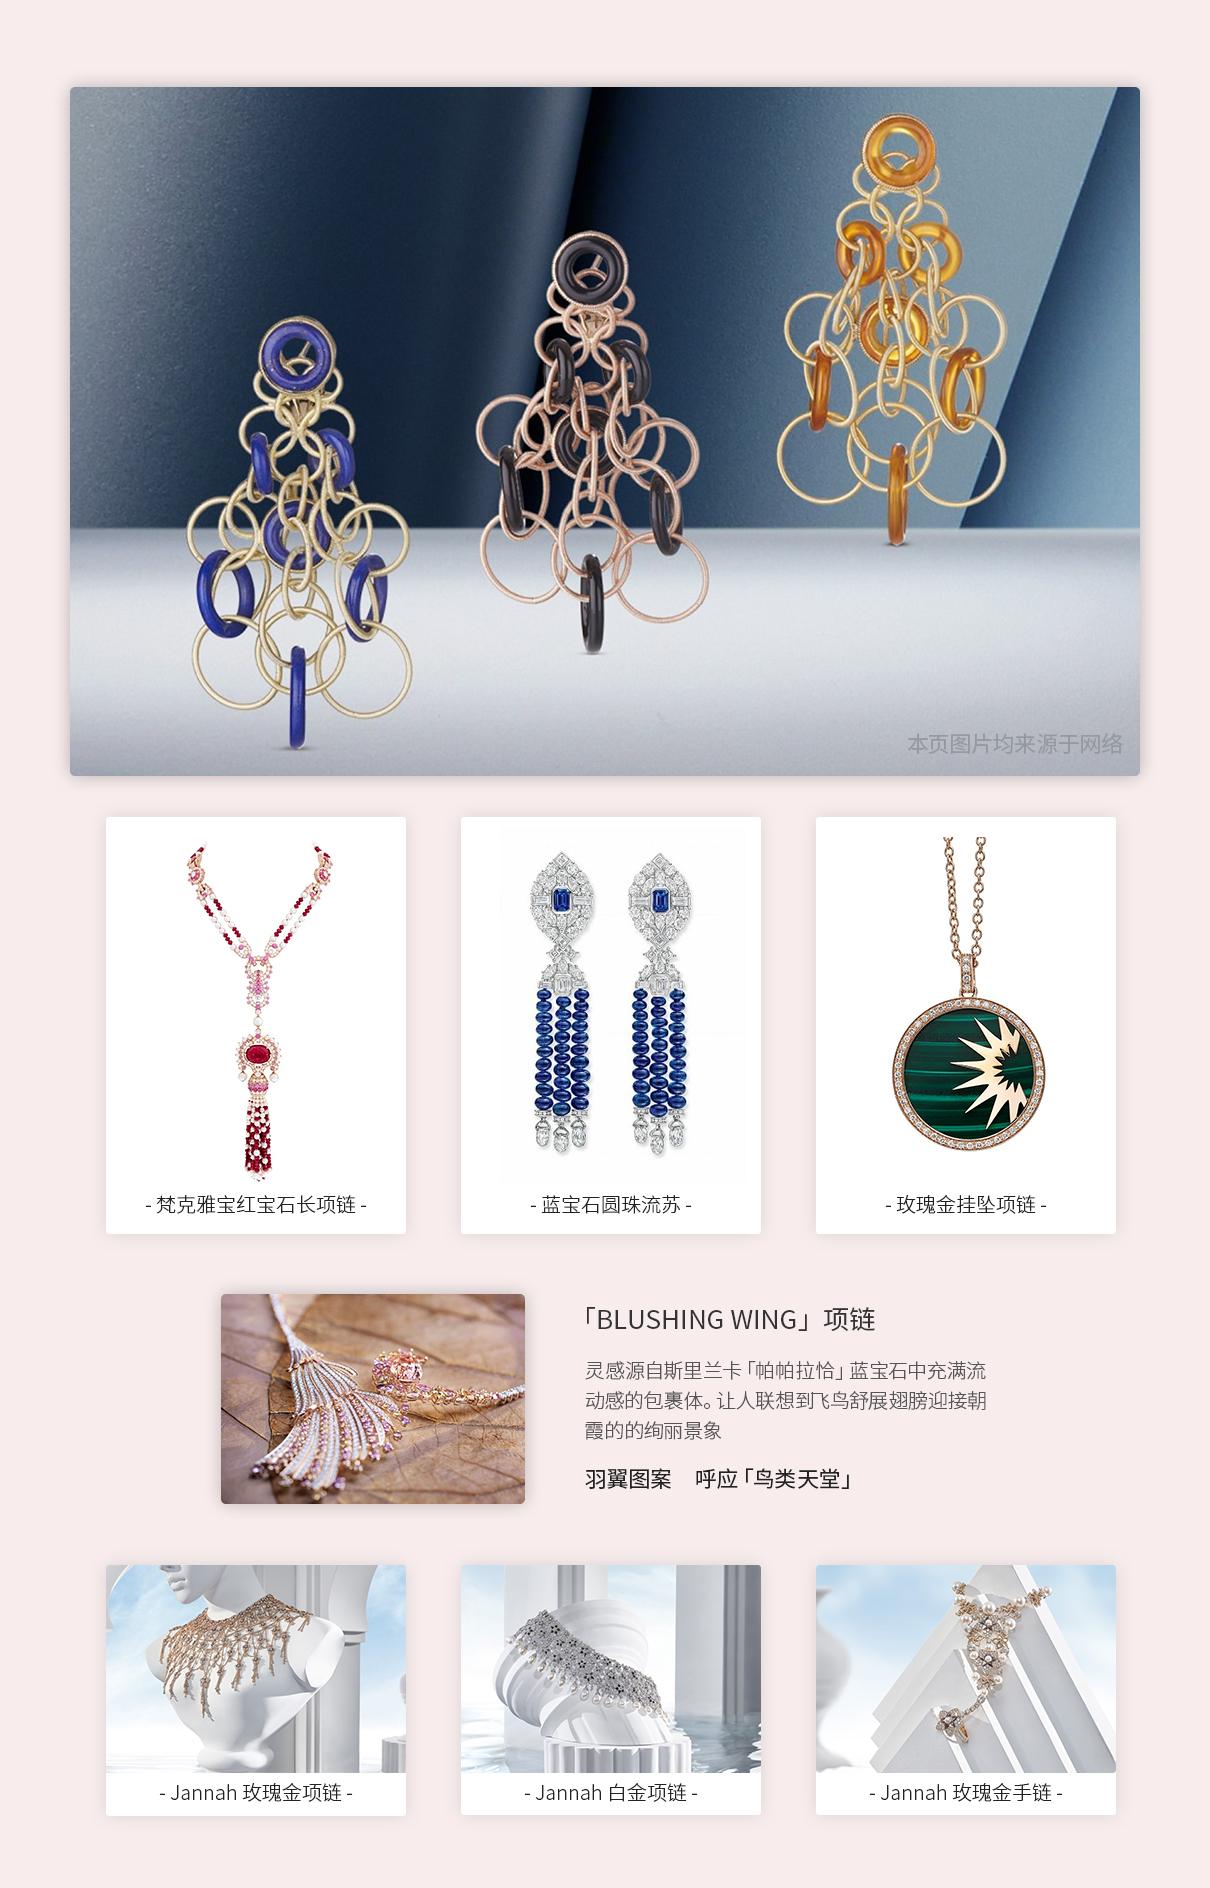 对珠宝设计有着浓厚的兴趣.jpg